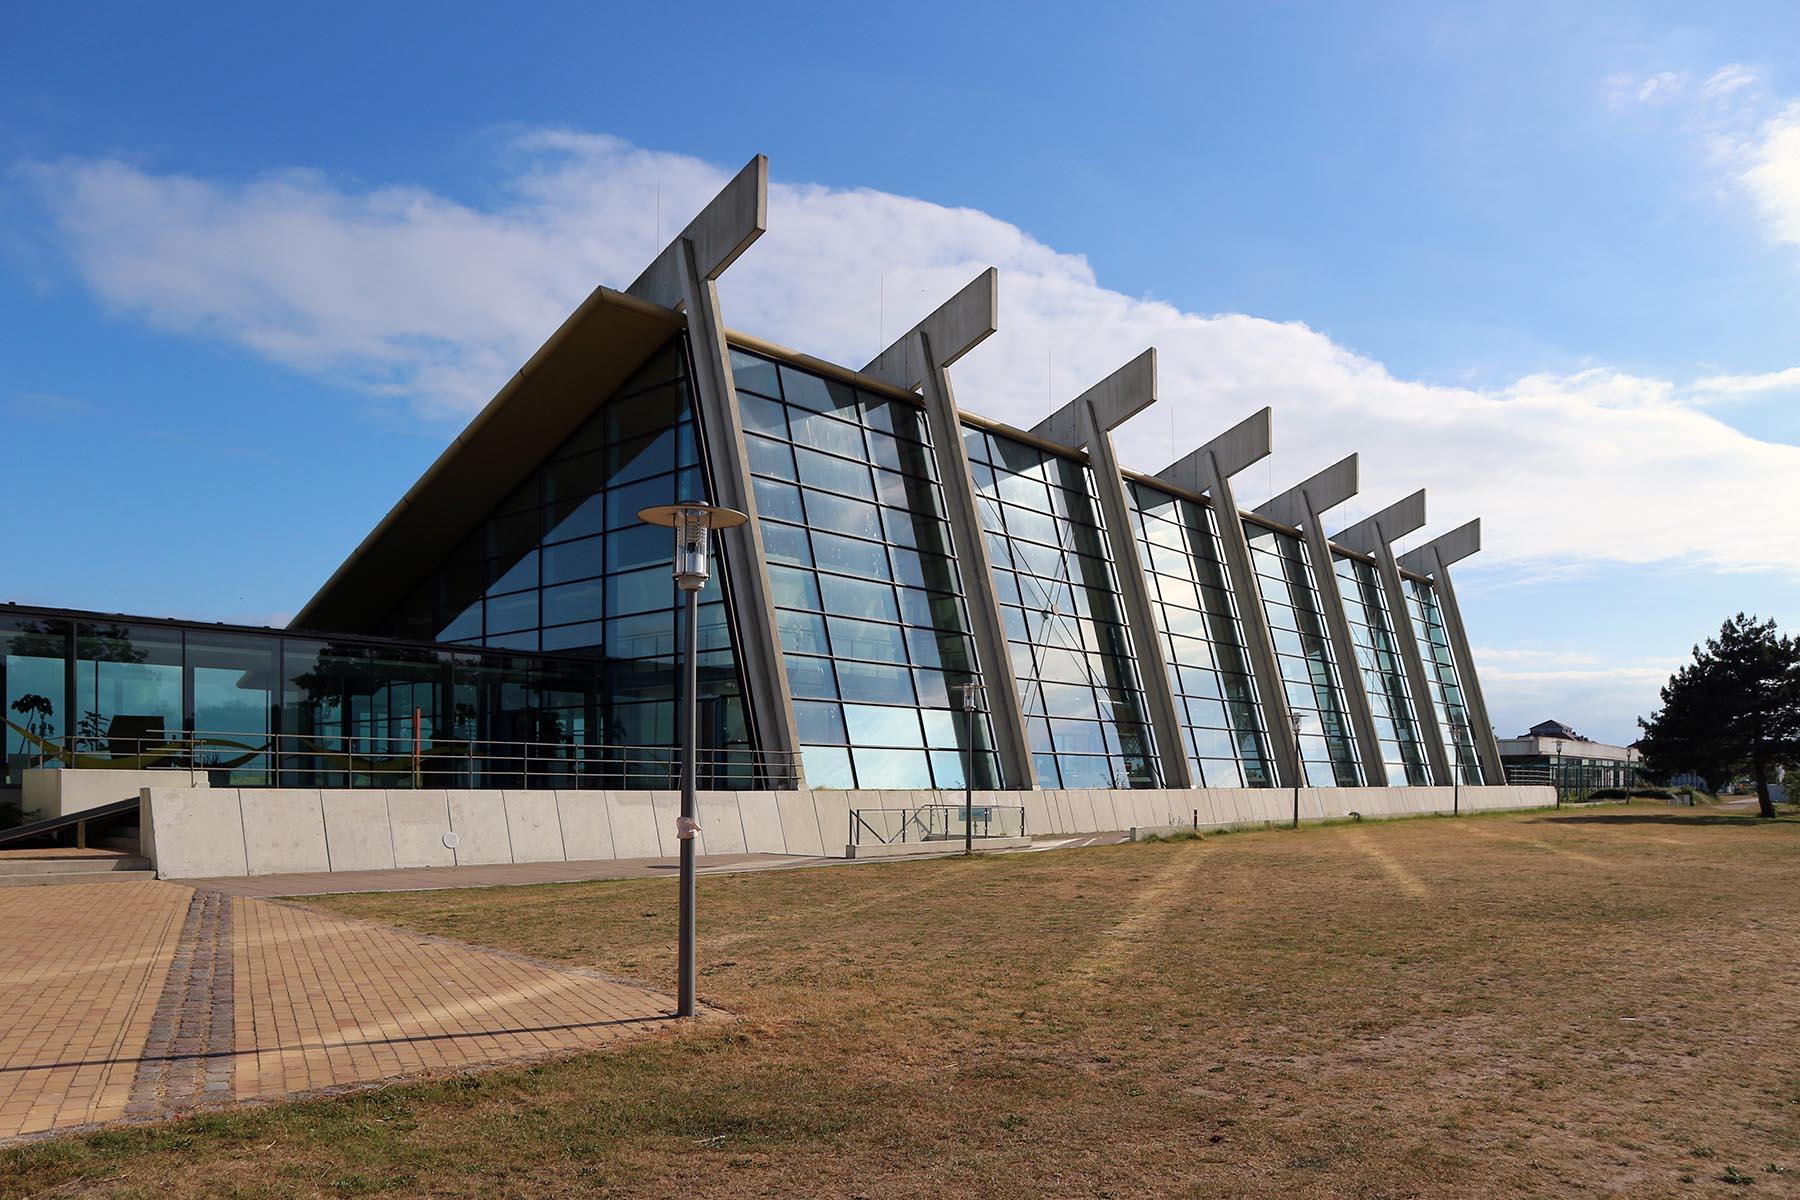 50 Jahre Weltarchitektur von Arne Jacobsen in Burgtiefe